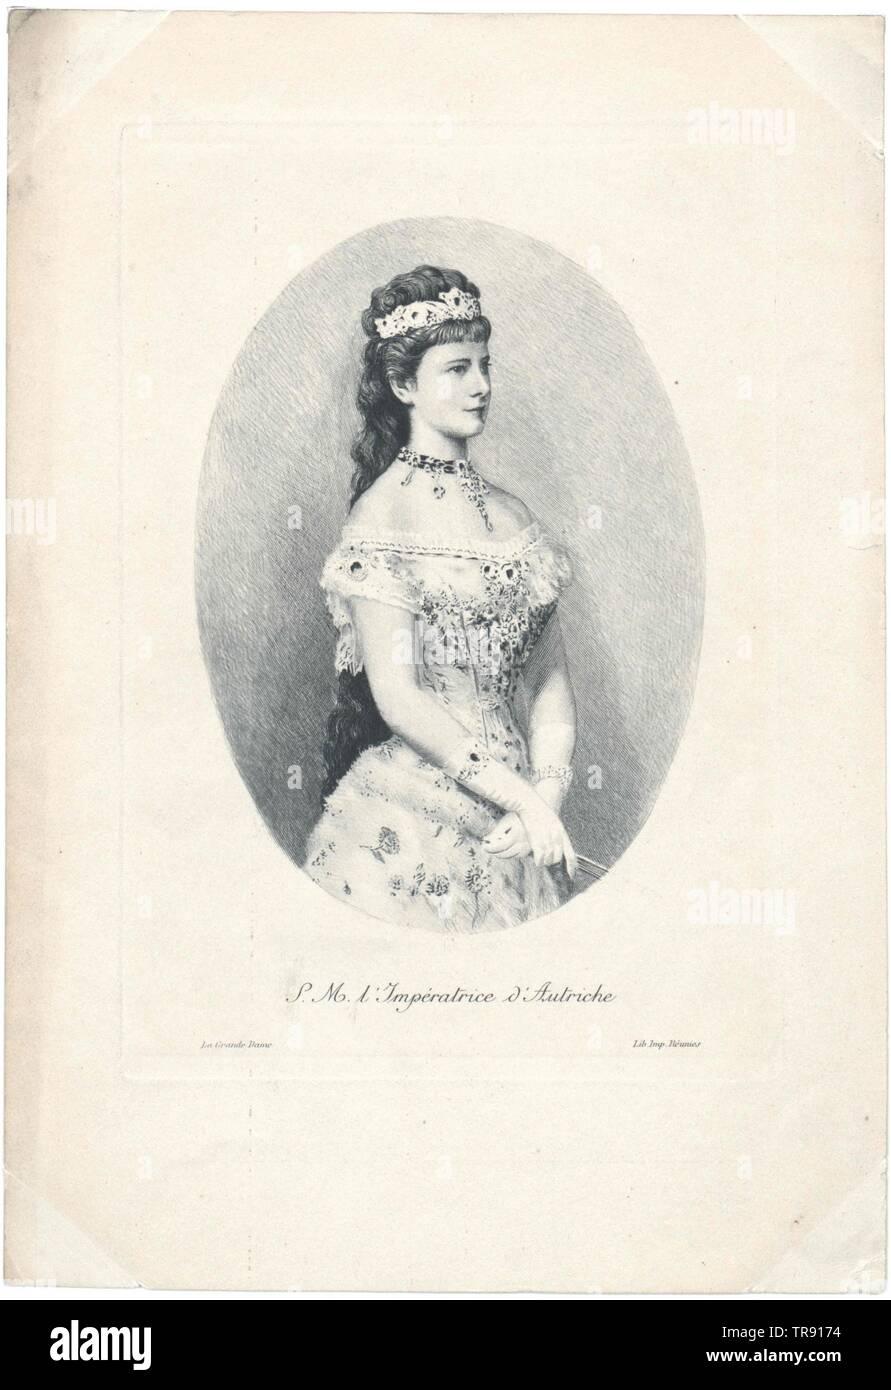 Elisabeth, Imperatrice d'Austria, facsimile stampato sulla base di pittura di Georg Raab, 1878, dalla causa di nozze d'argento (1879), dettaglio Additional-Rights-Clearance-Info-Not-Available Immagini Stock